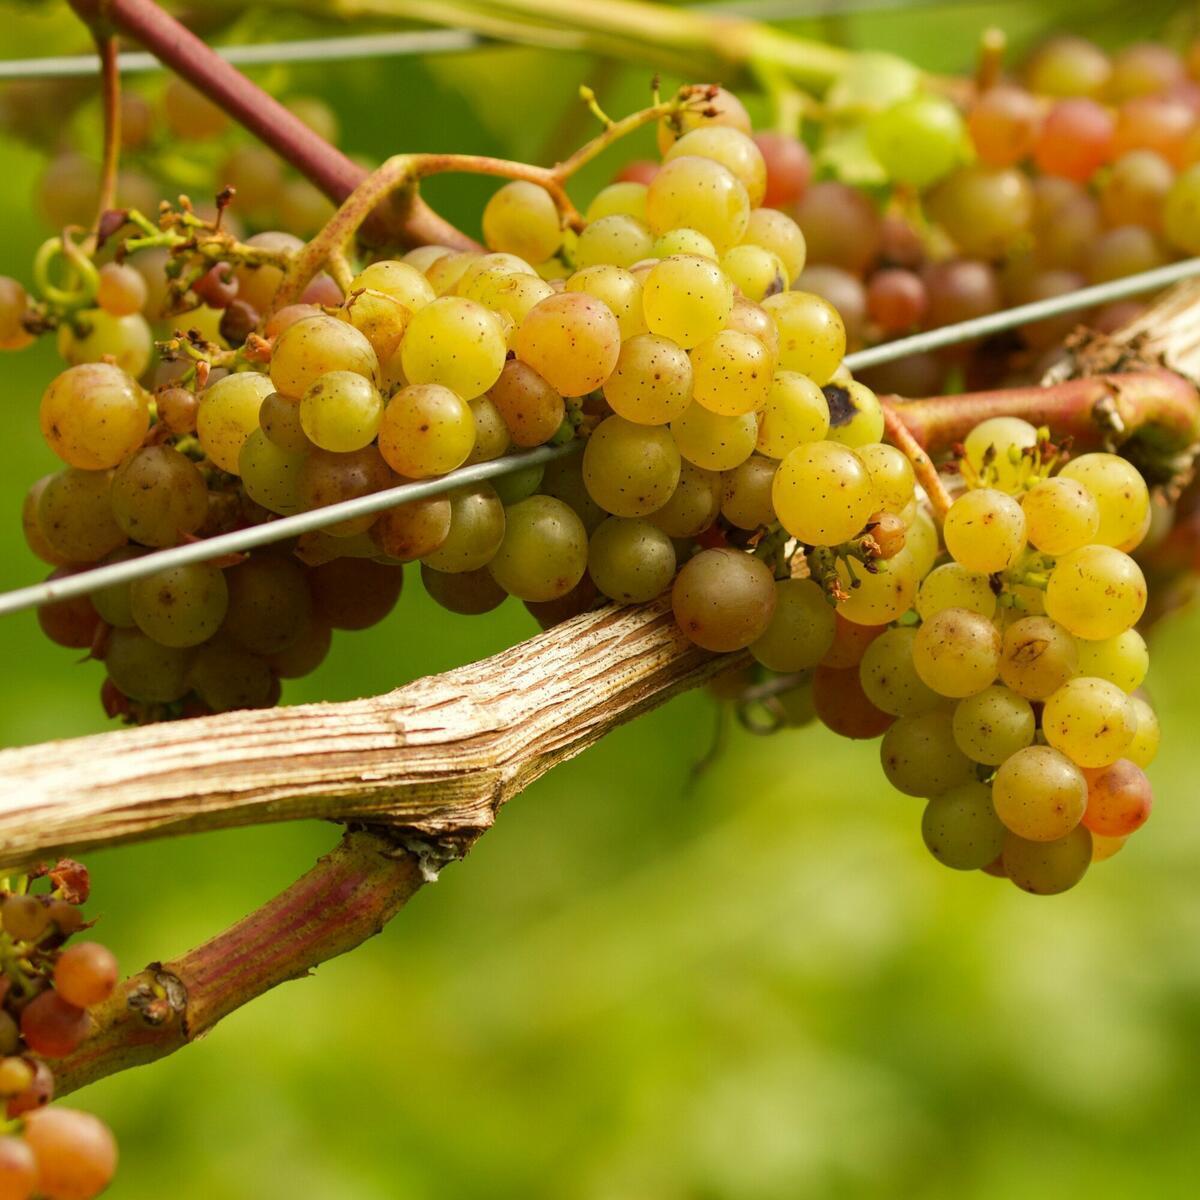 Siegerrebe Grape